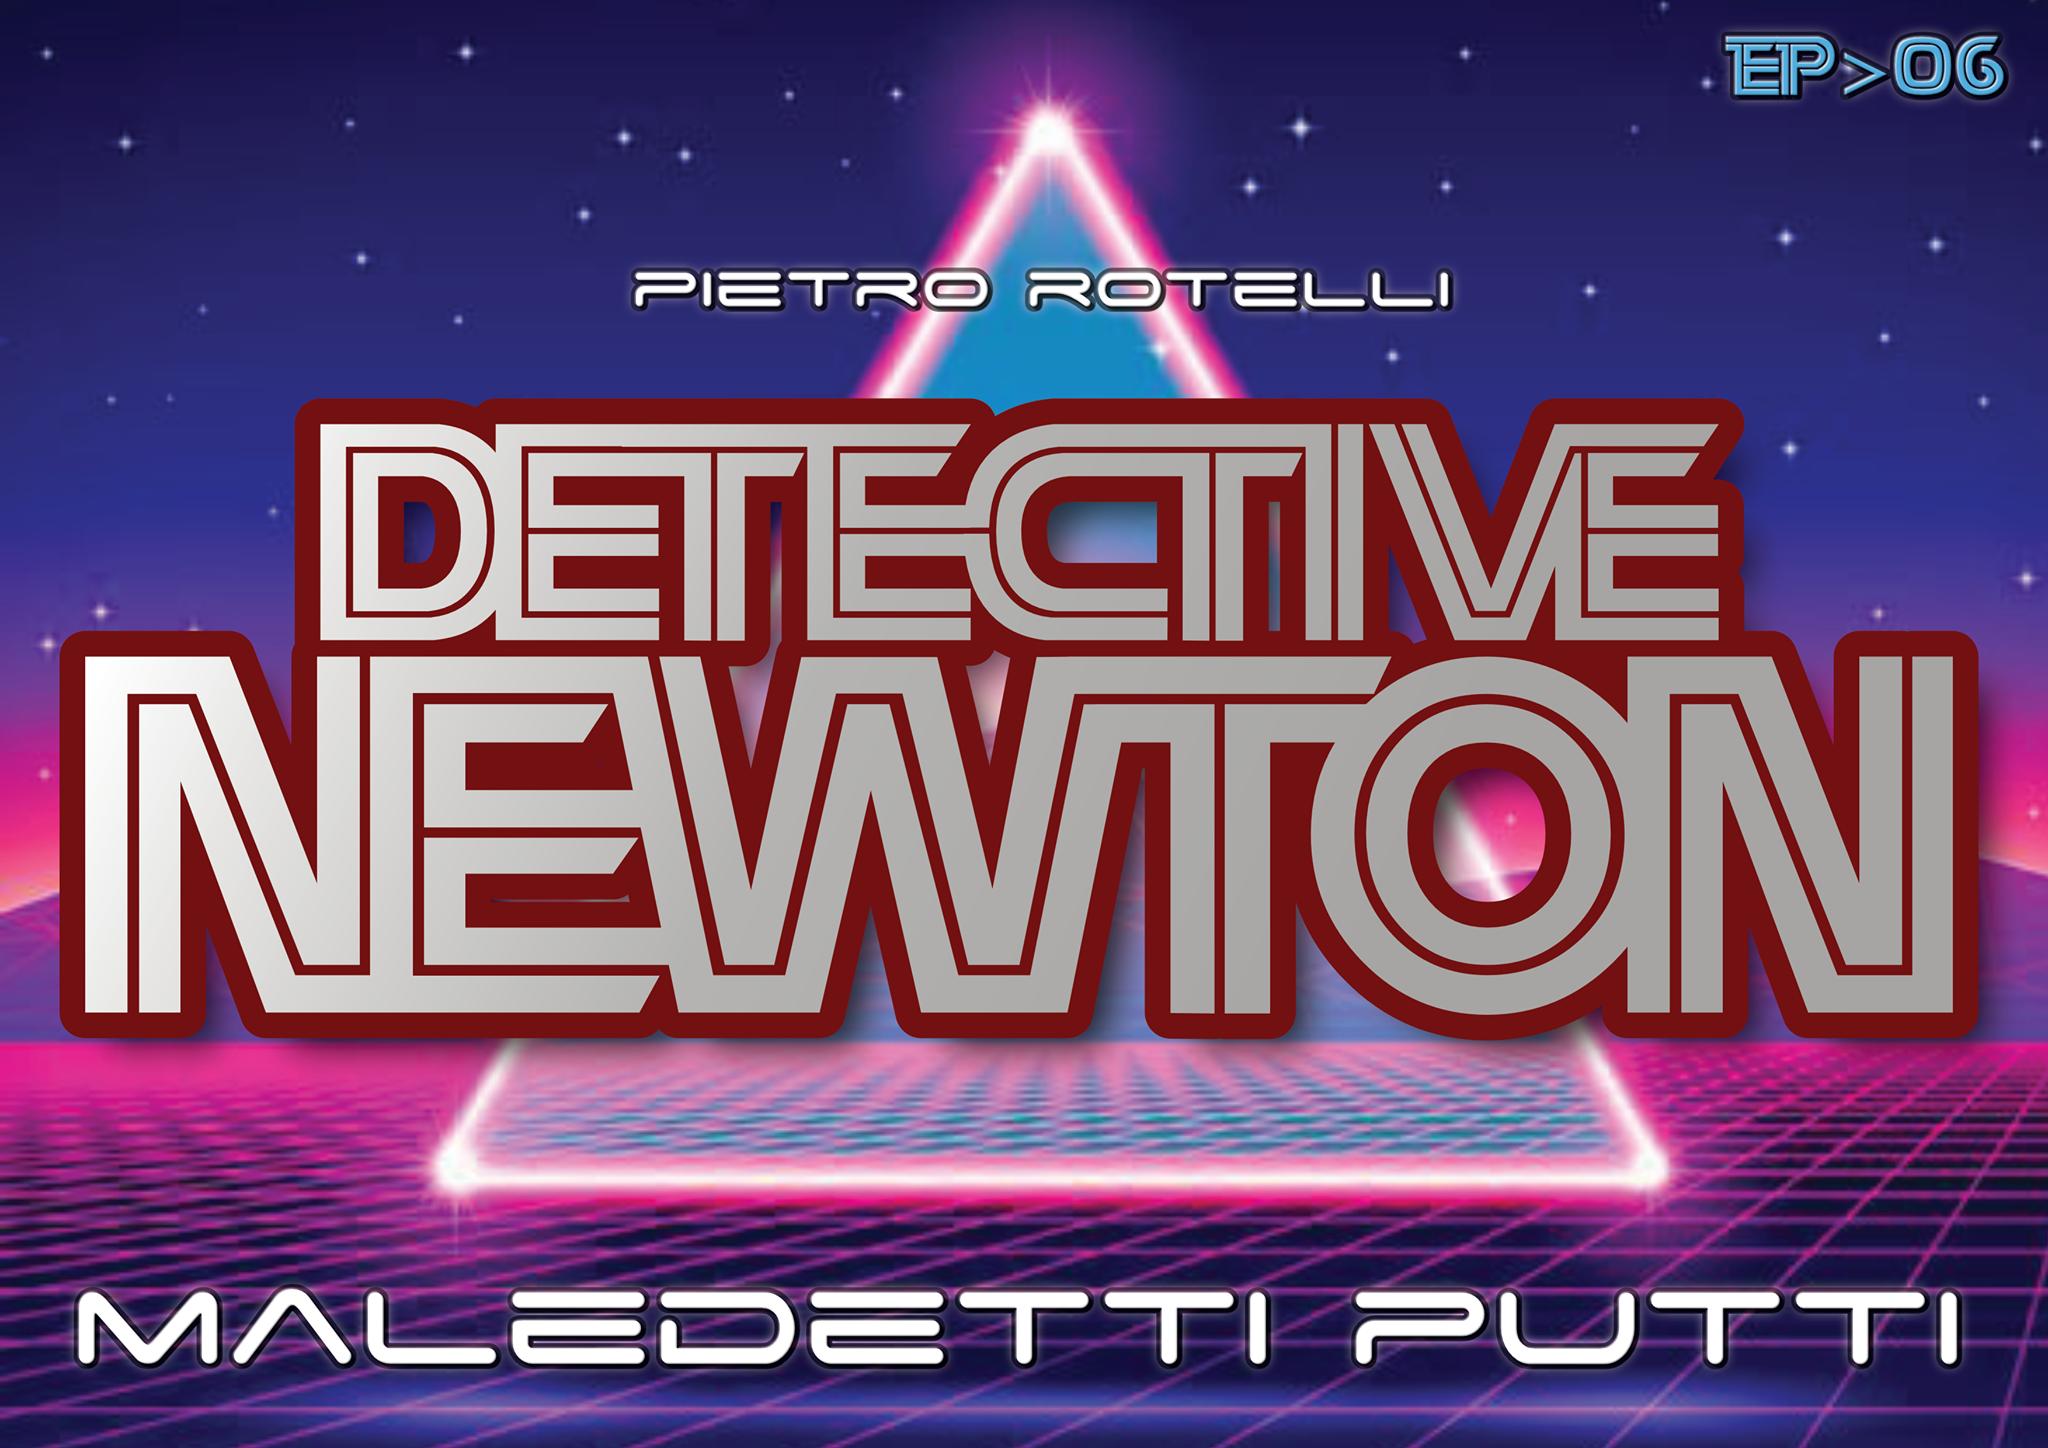 Maledetti putti (Un'avventura del Detective Newton EP.06) 8 - fanzine